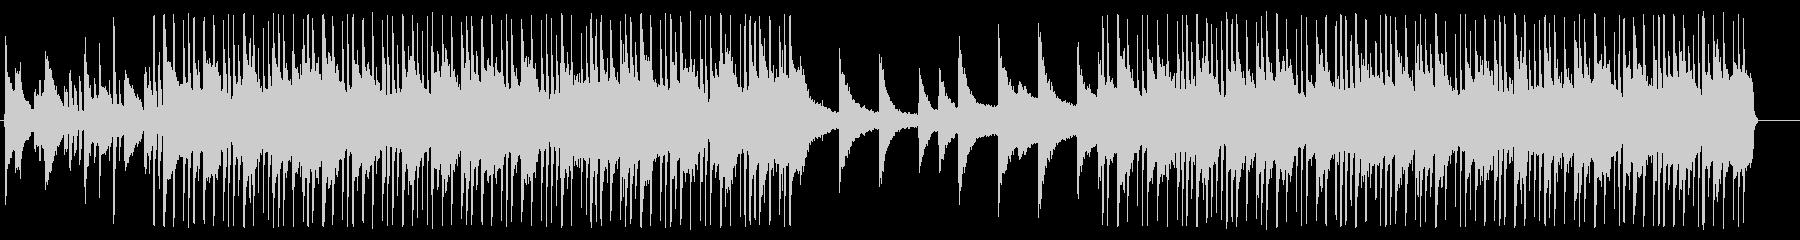 おしゃれなR&BオルガンBGM05の未再生の波形